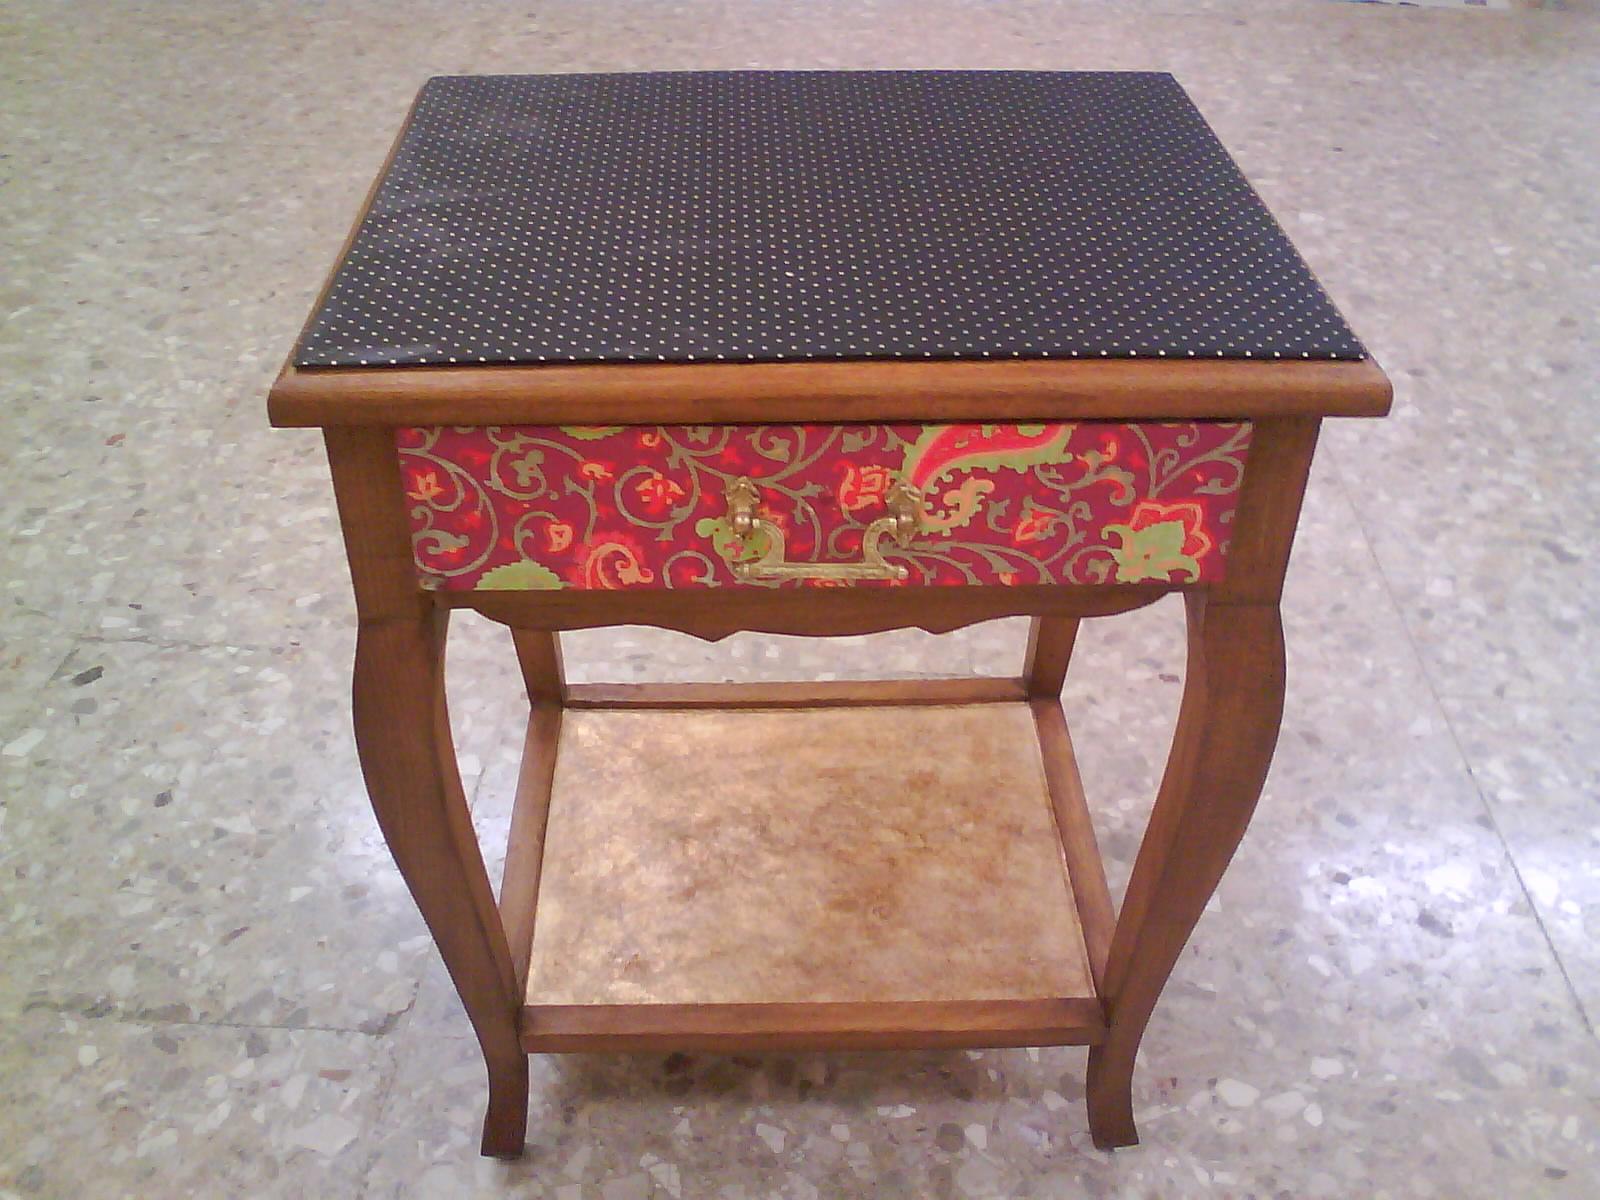 mi artesania clases de reciclado de muebles